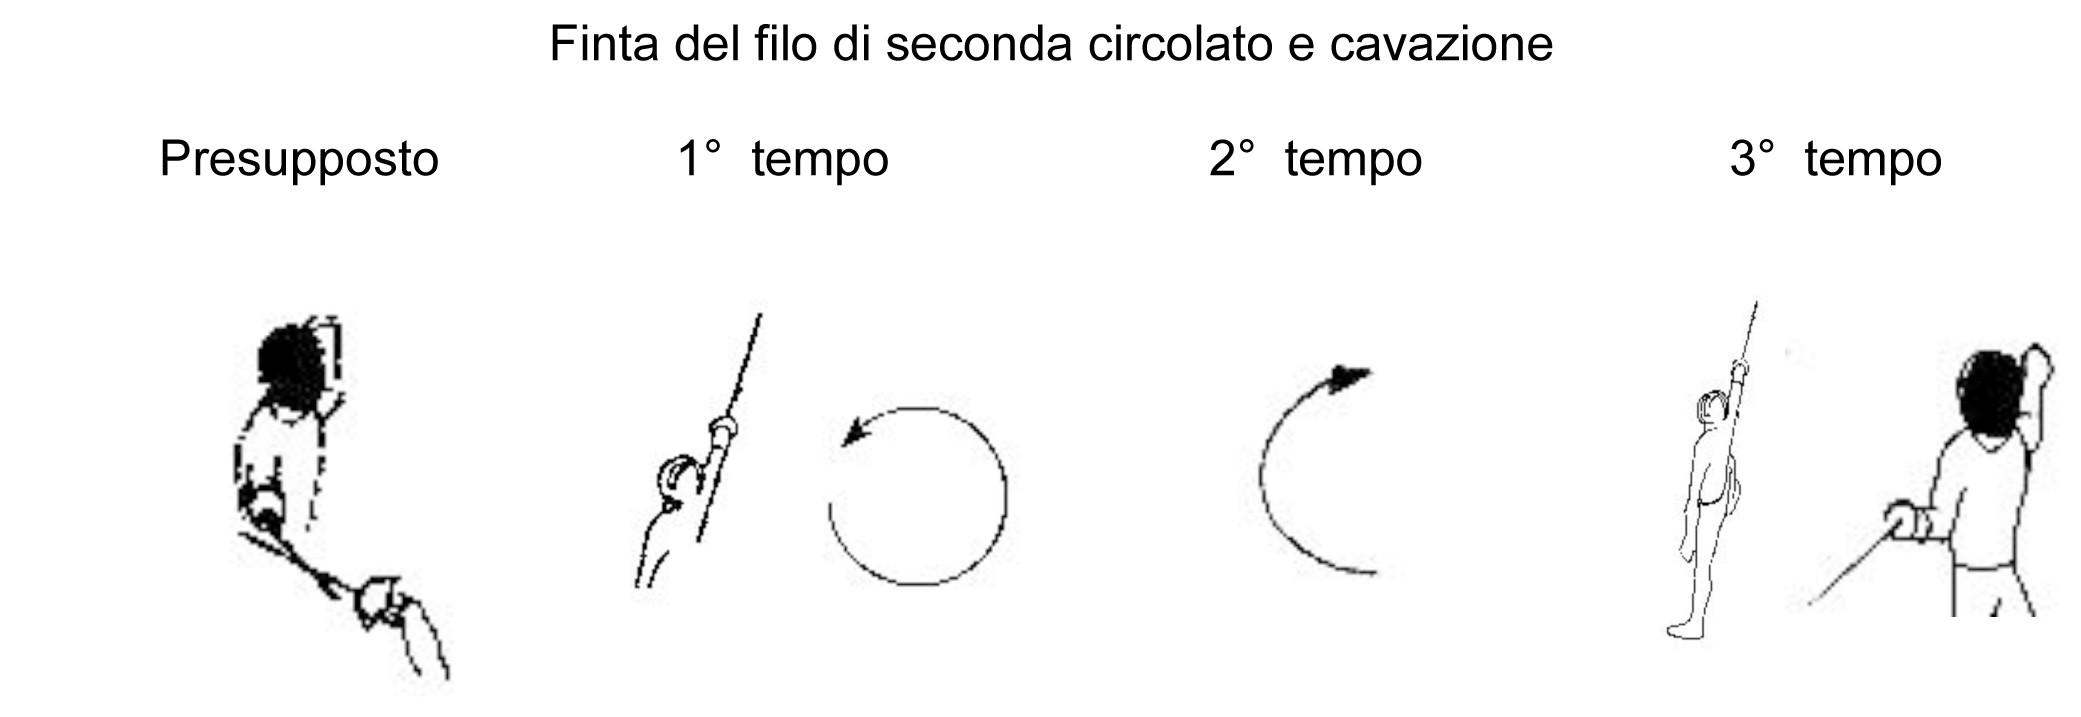 finta-del-filo-di-seconda-circolato-e-cavazione